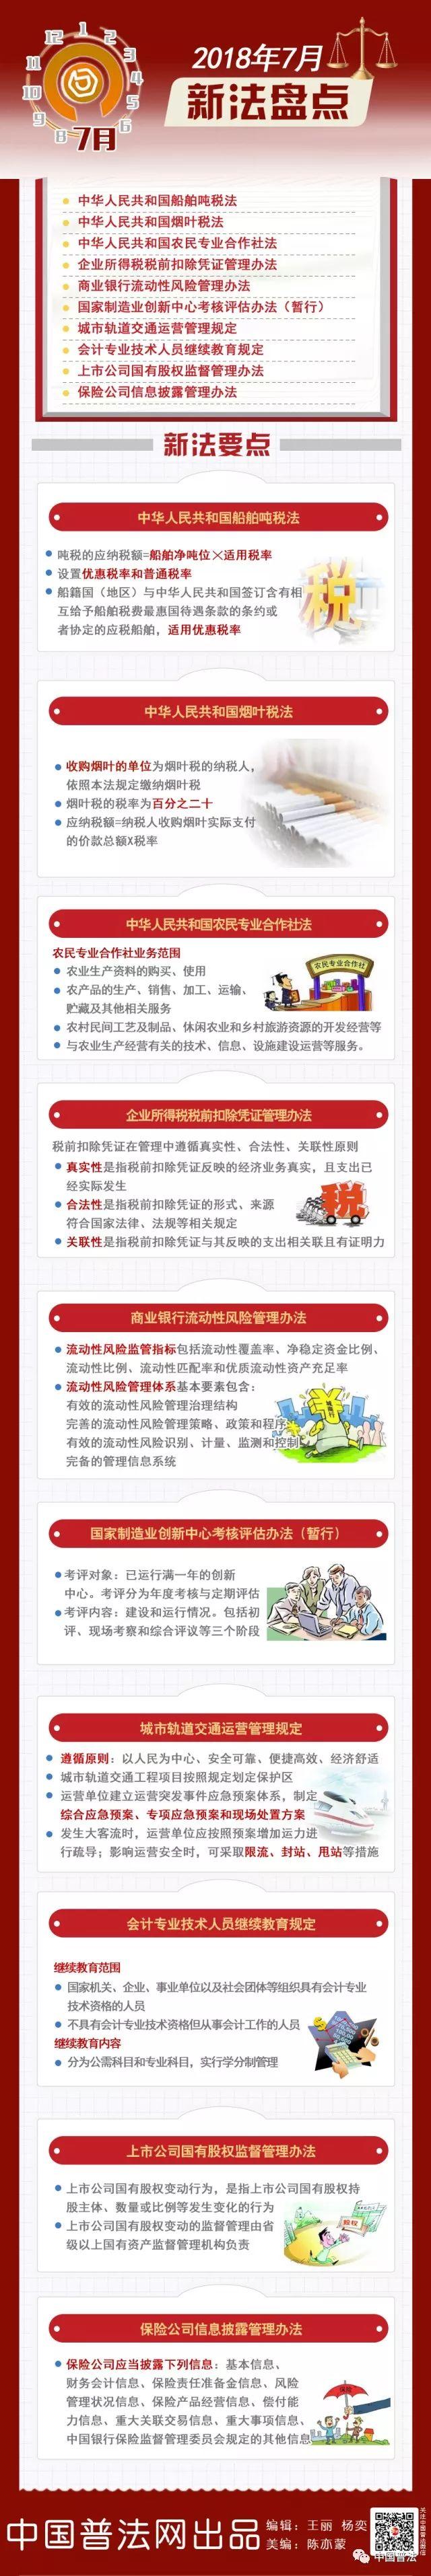 新葡萄京娱乐场app-澳门新葡8455最新网站